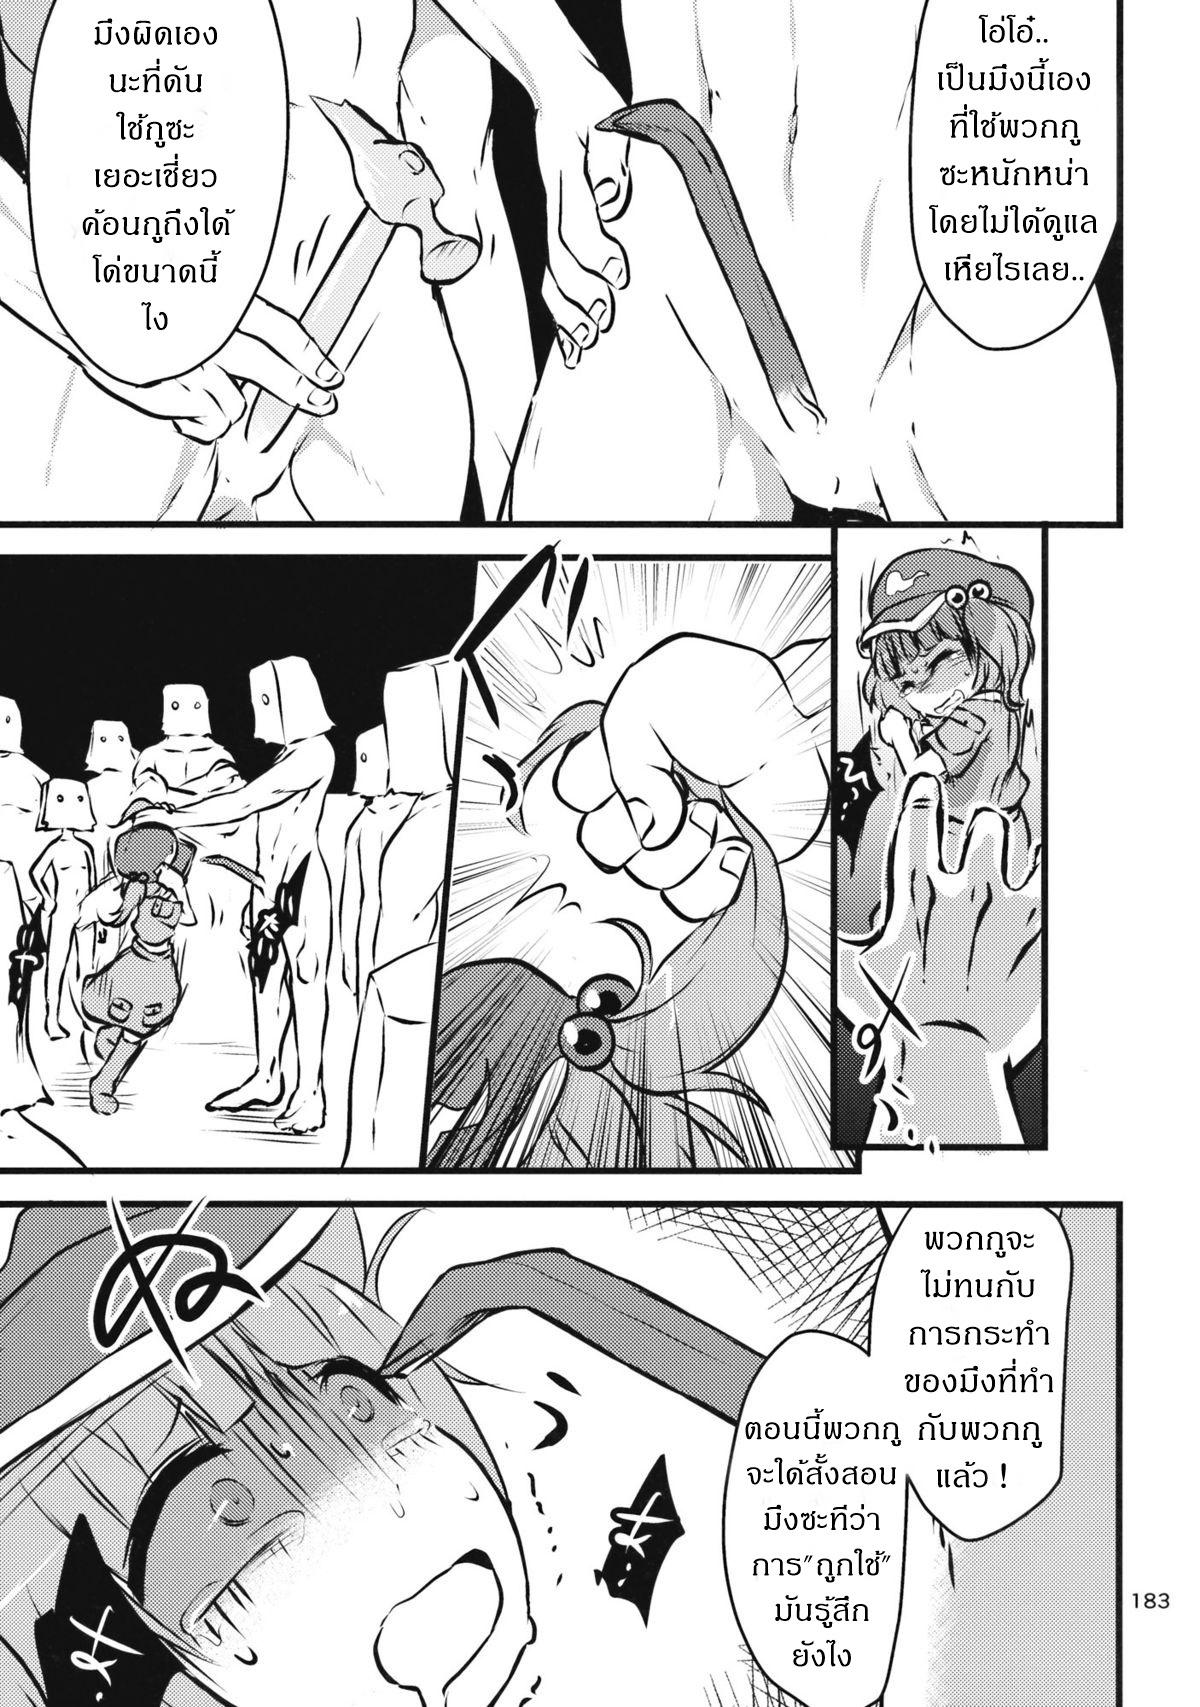 นิโทริกับชะแลงคุงผู้น่ารัก(?) ภาพ 2